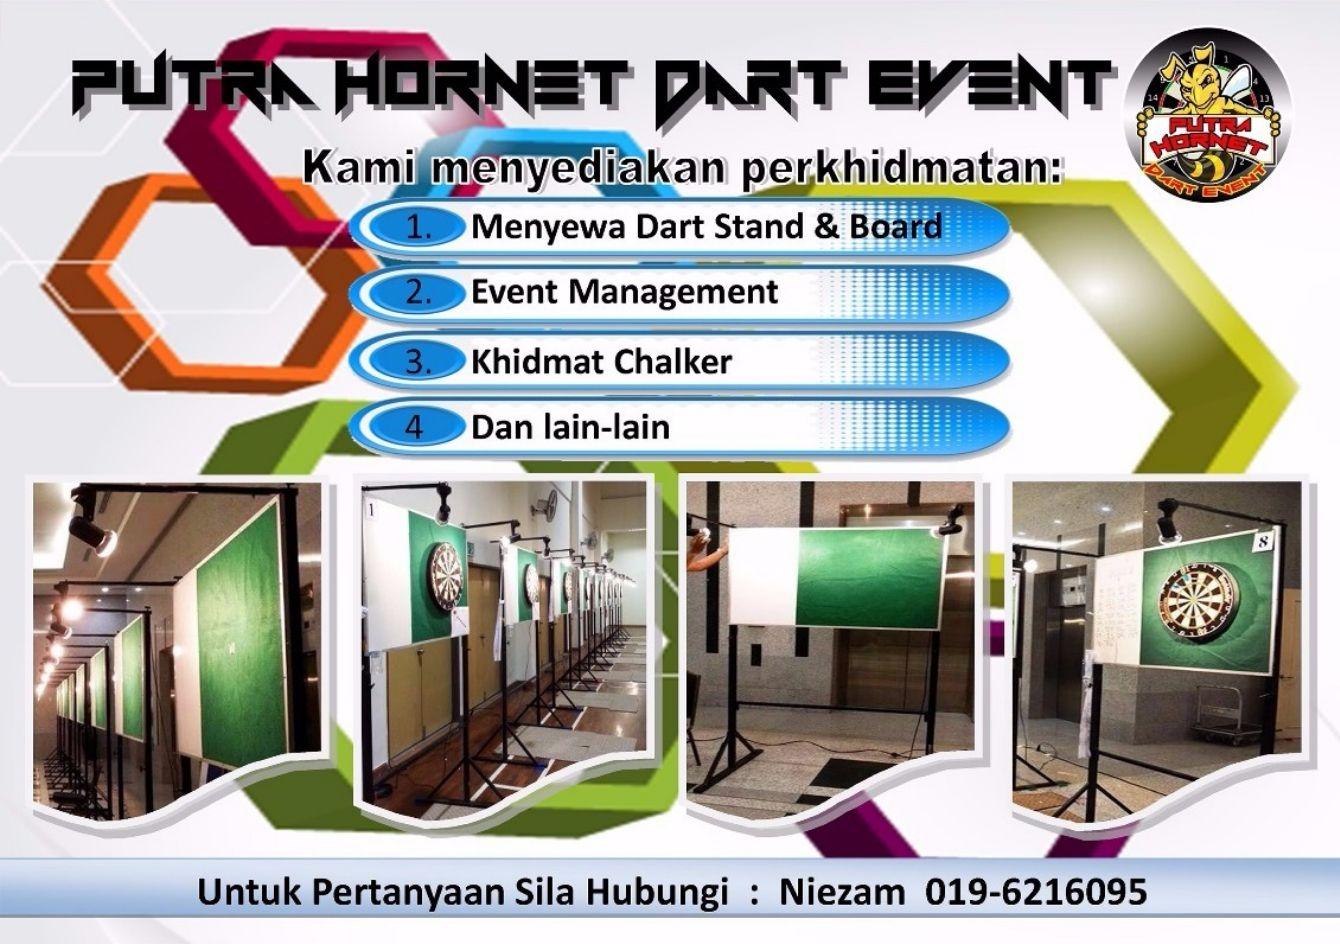 PUTRA HORNET DART EVENT